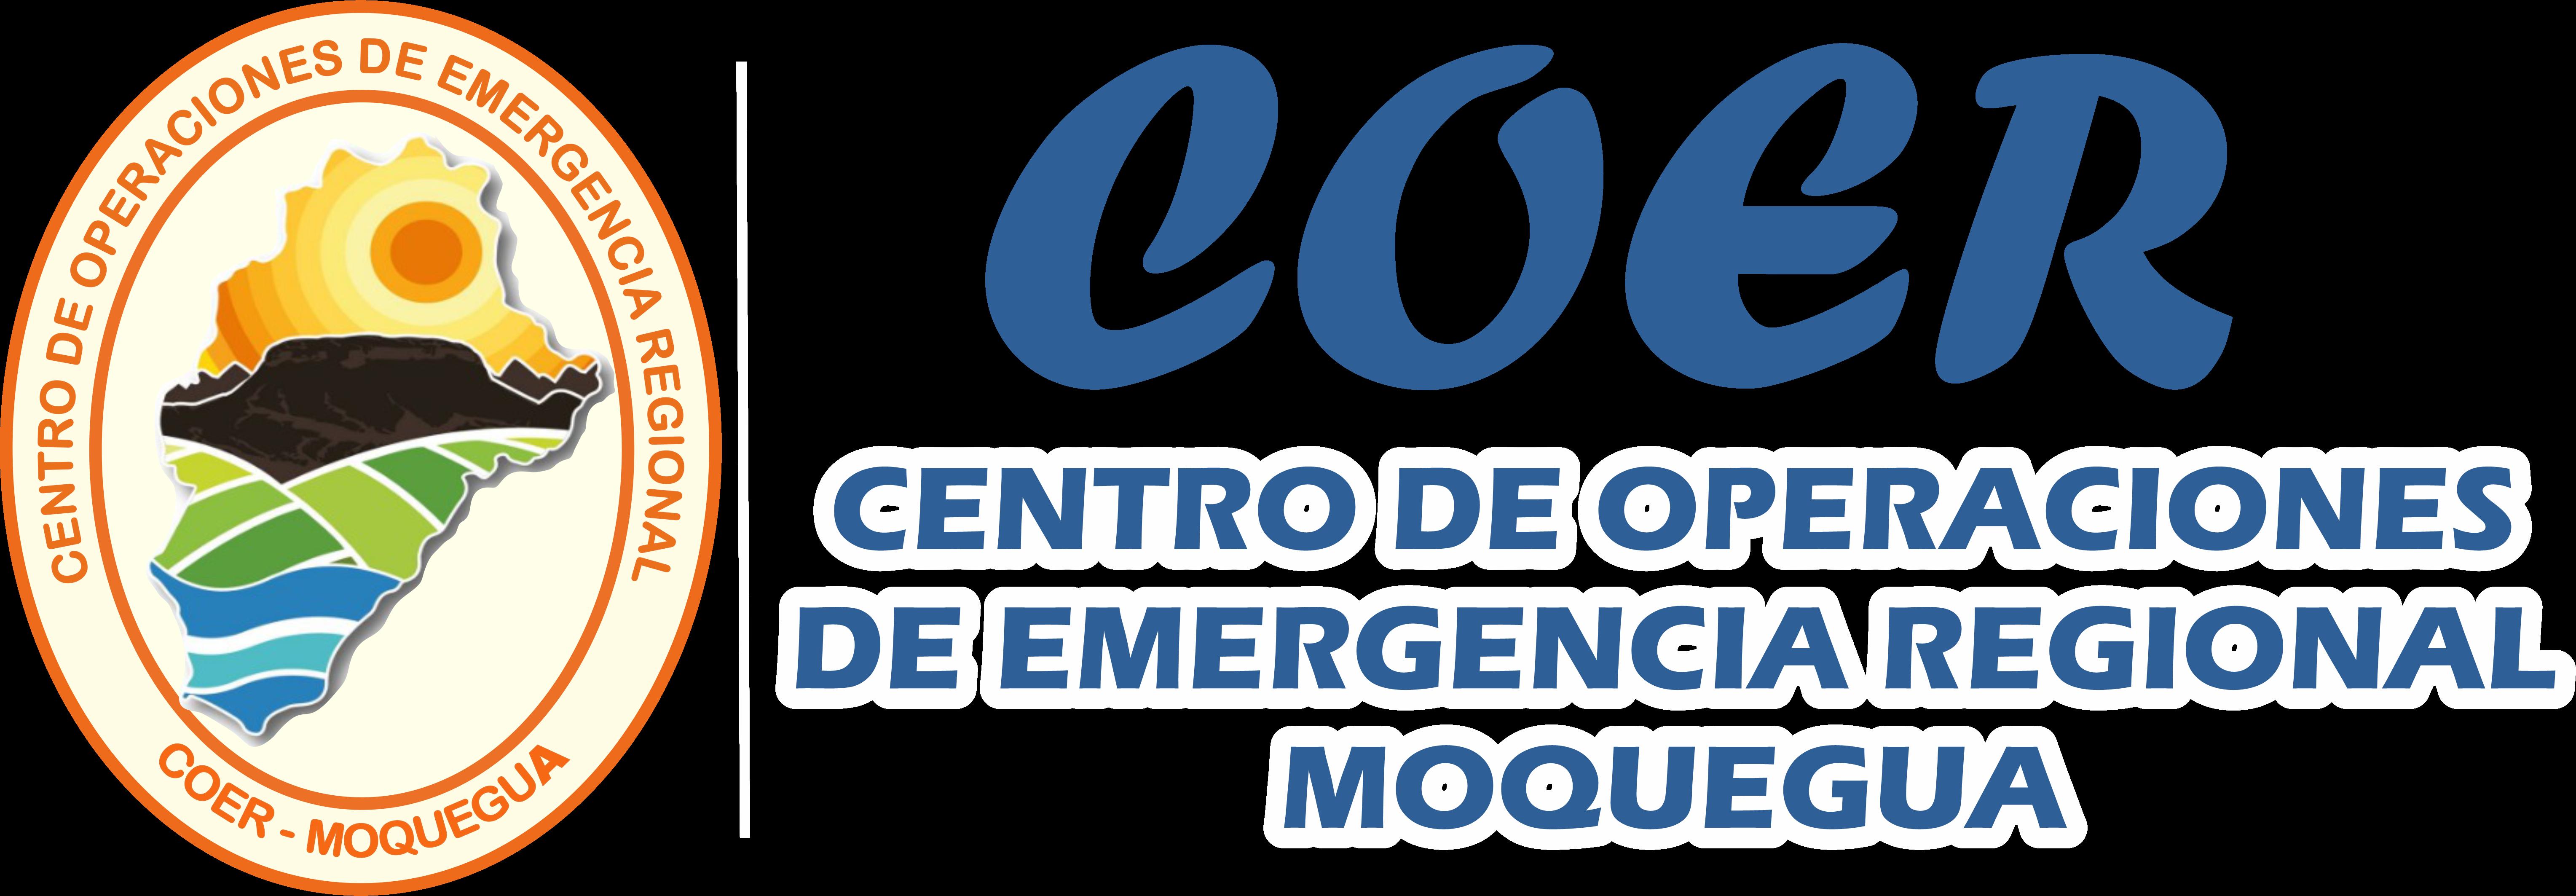 Coer Moquegua